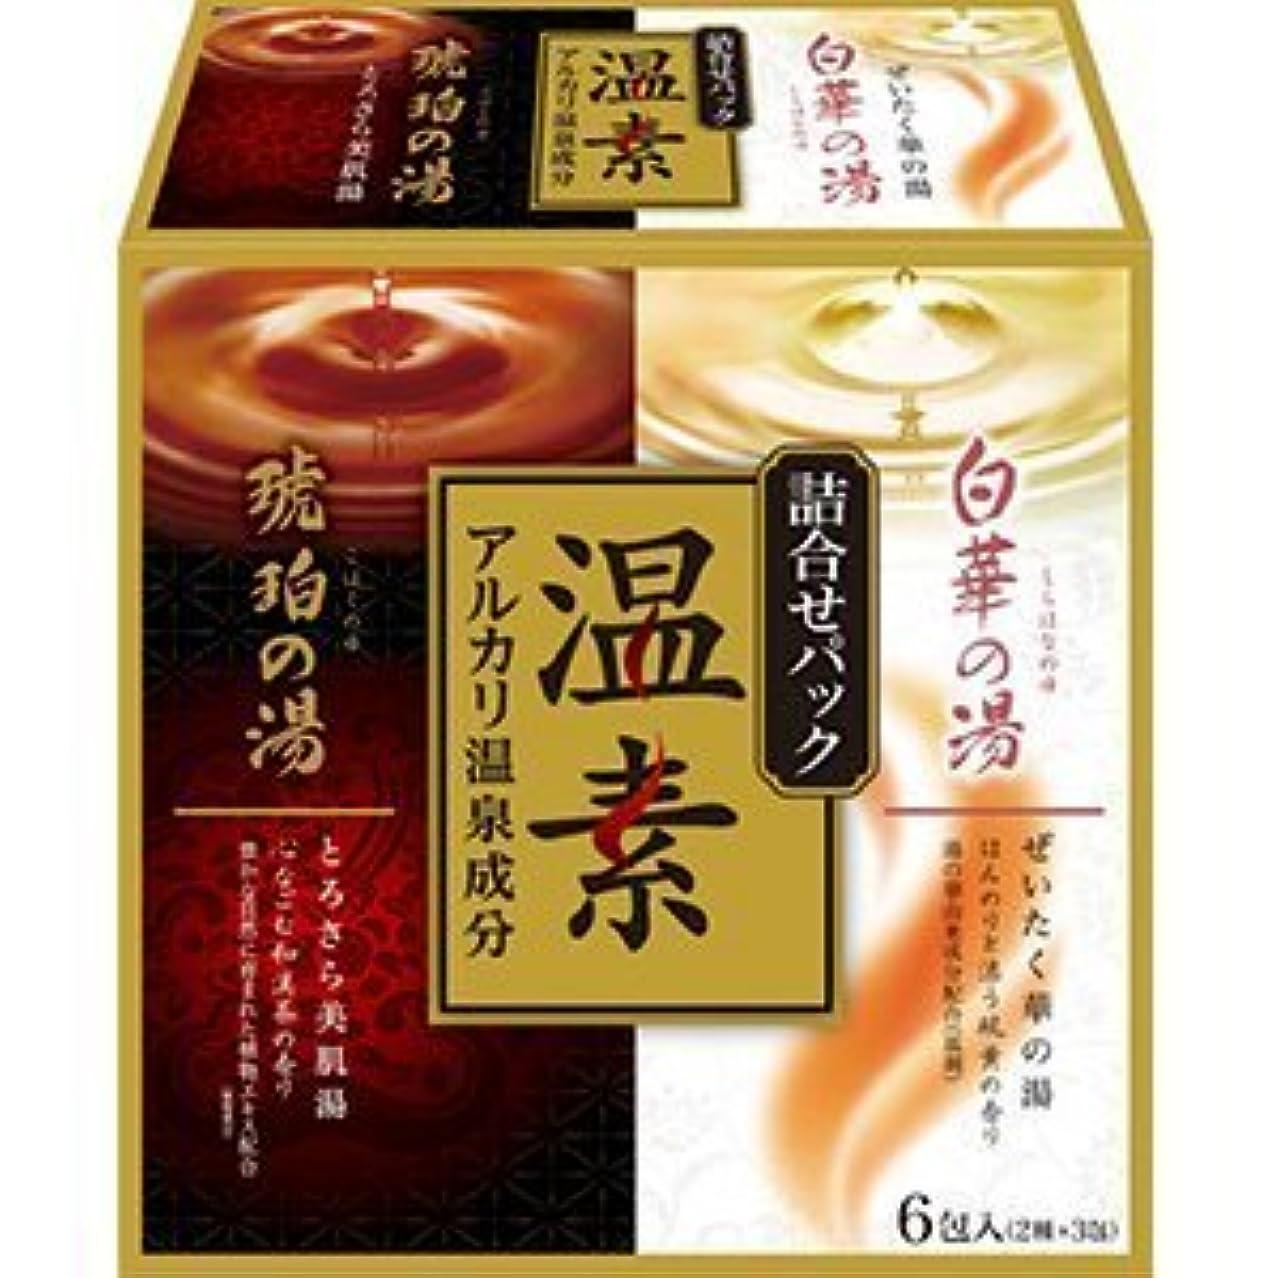 嫌がる分離徐々に温素 琥珀の湯&白華の湯 詰合せパック × 3個セット